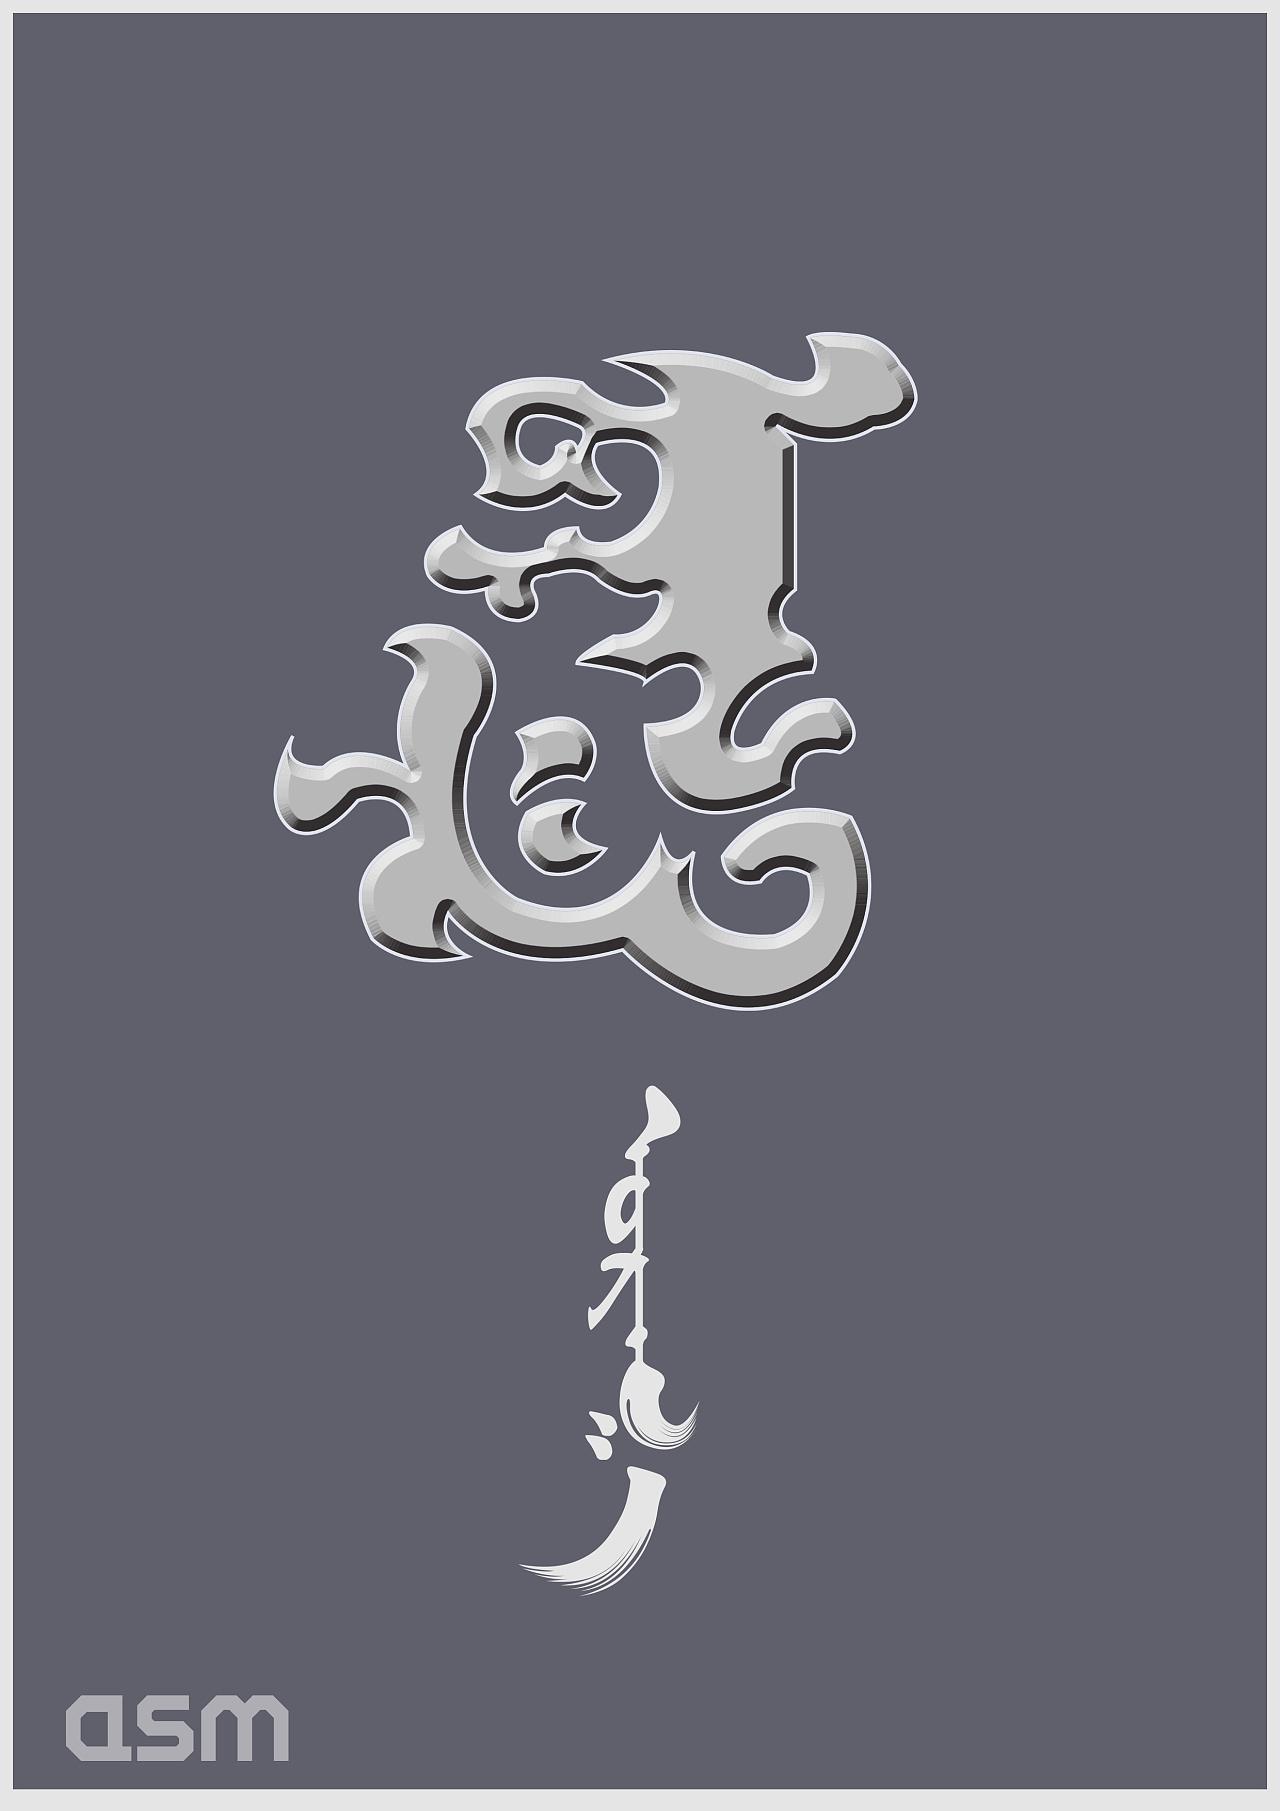 蒙古艺术文字 -阿斯玛设计 第4张